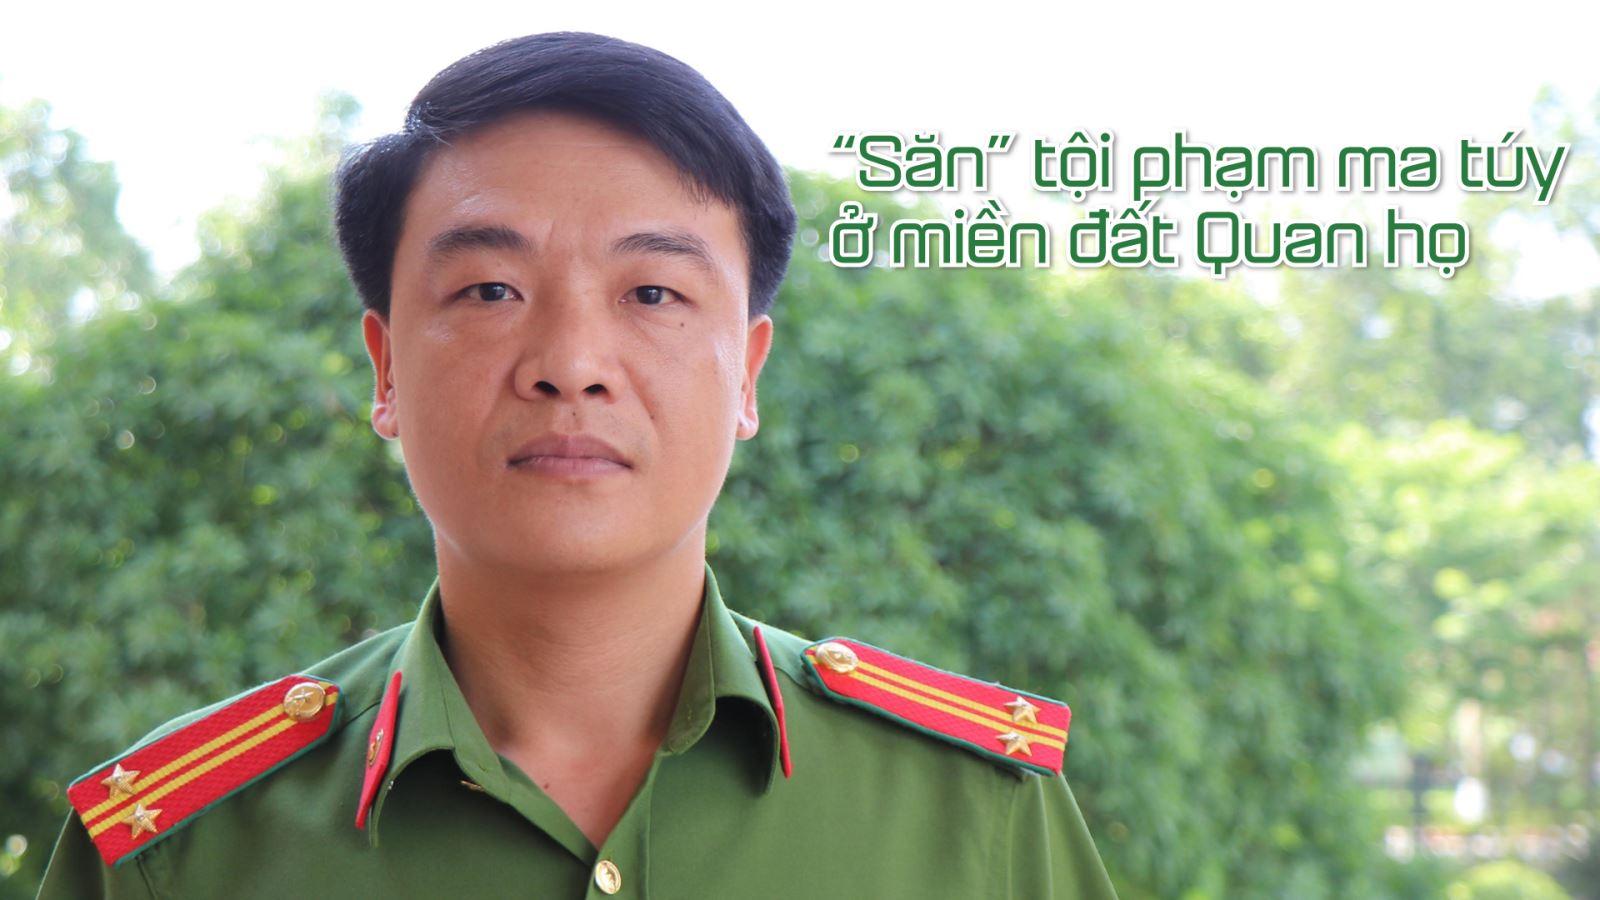 Săn tội phạm ma túy ở Bắc Ninh